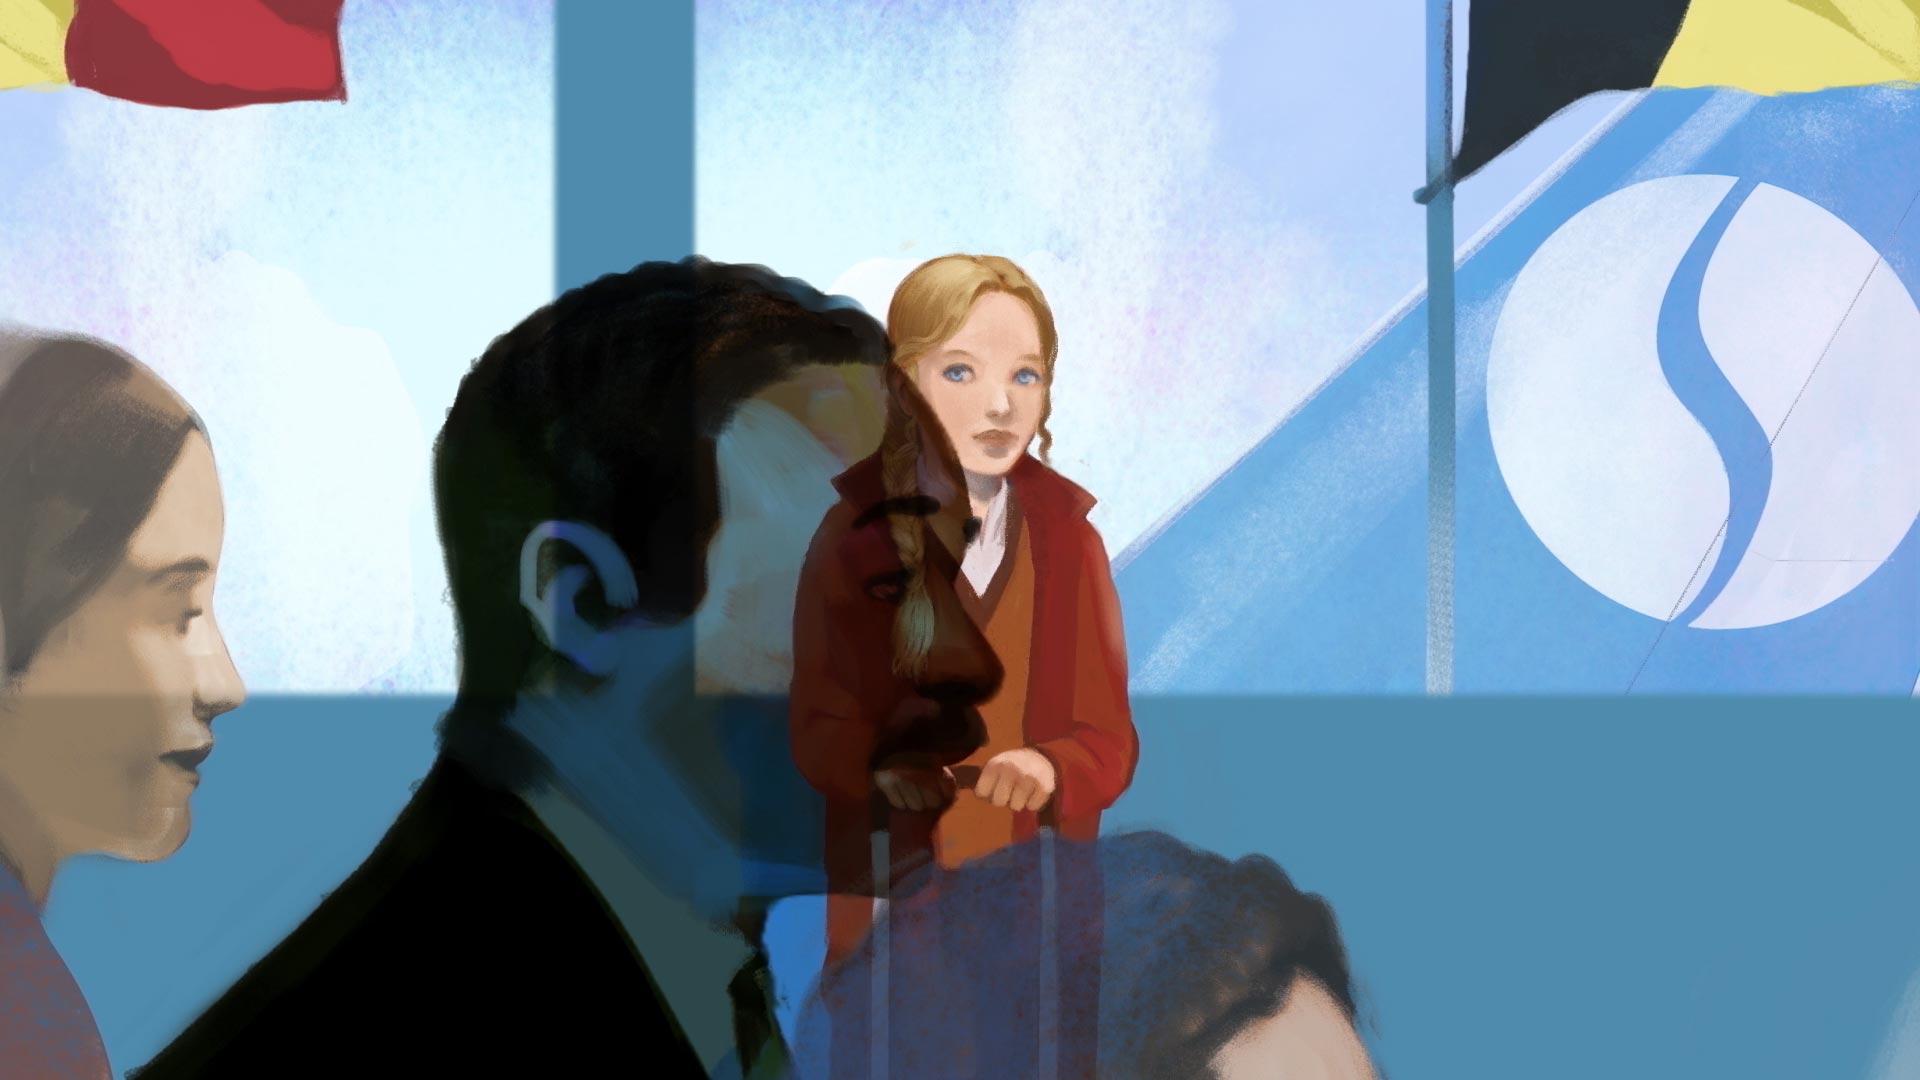 little_feat_animation_illustration_daltan_olsten_racoon_4